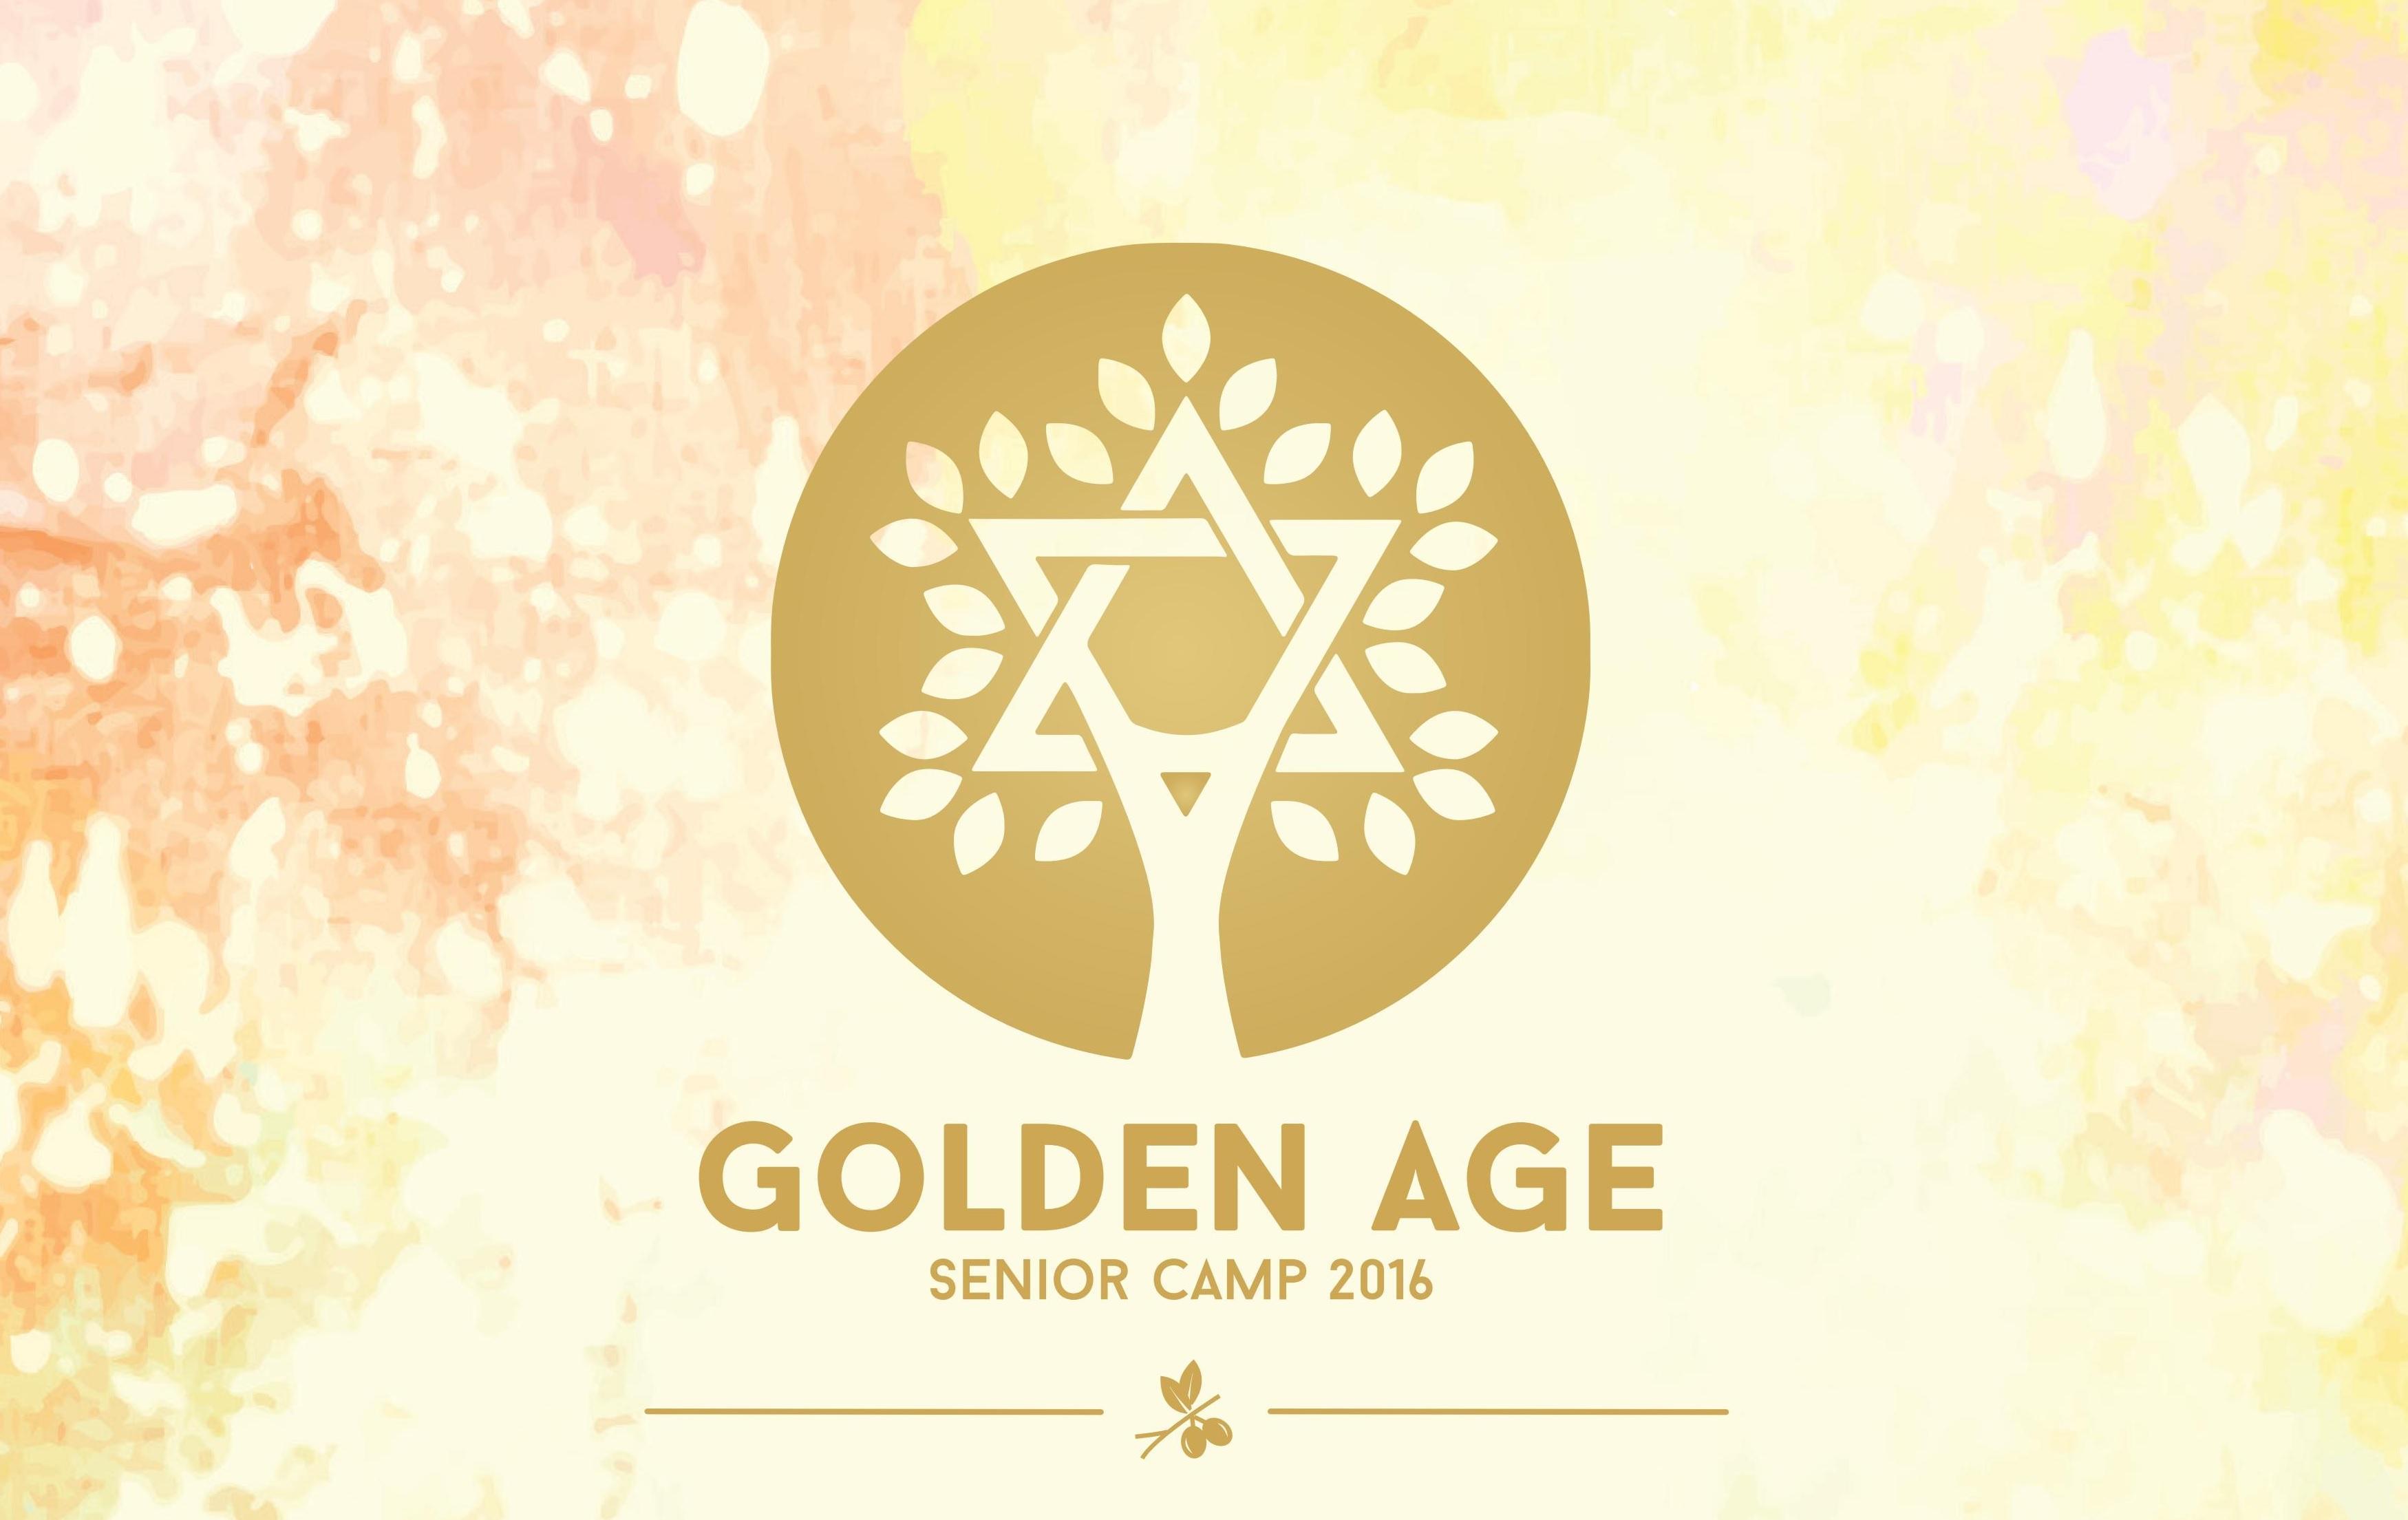 Отдых для золотого возраста